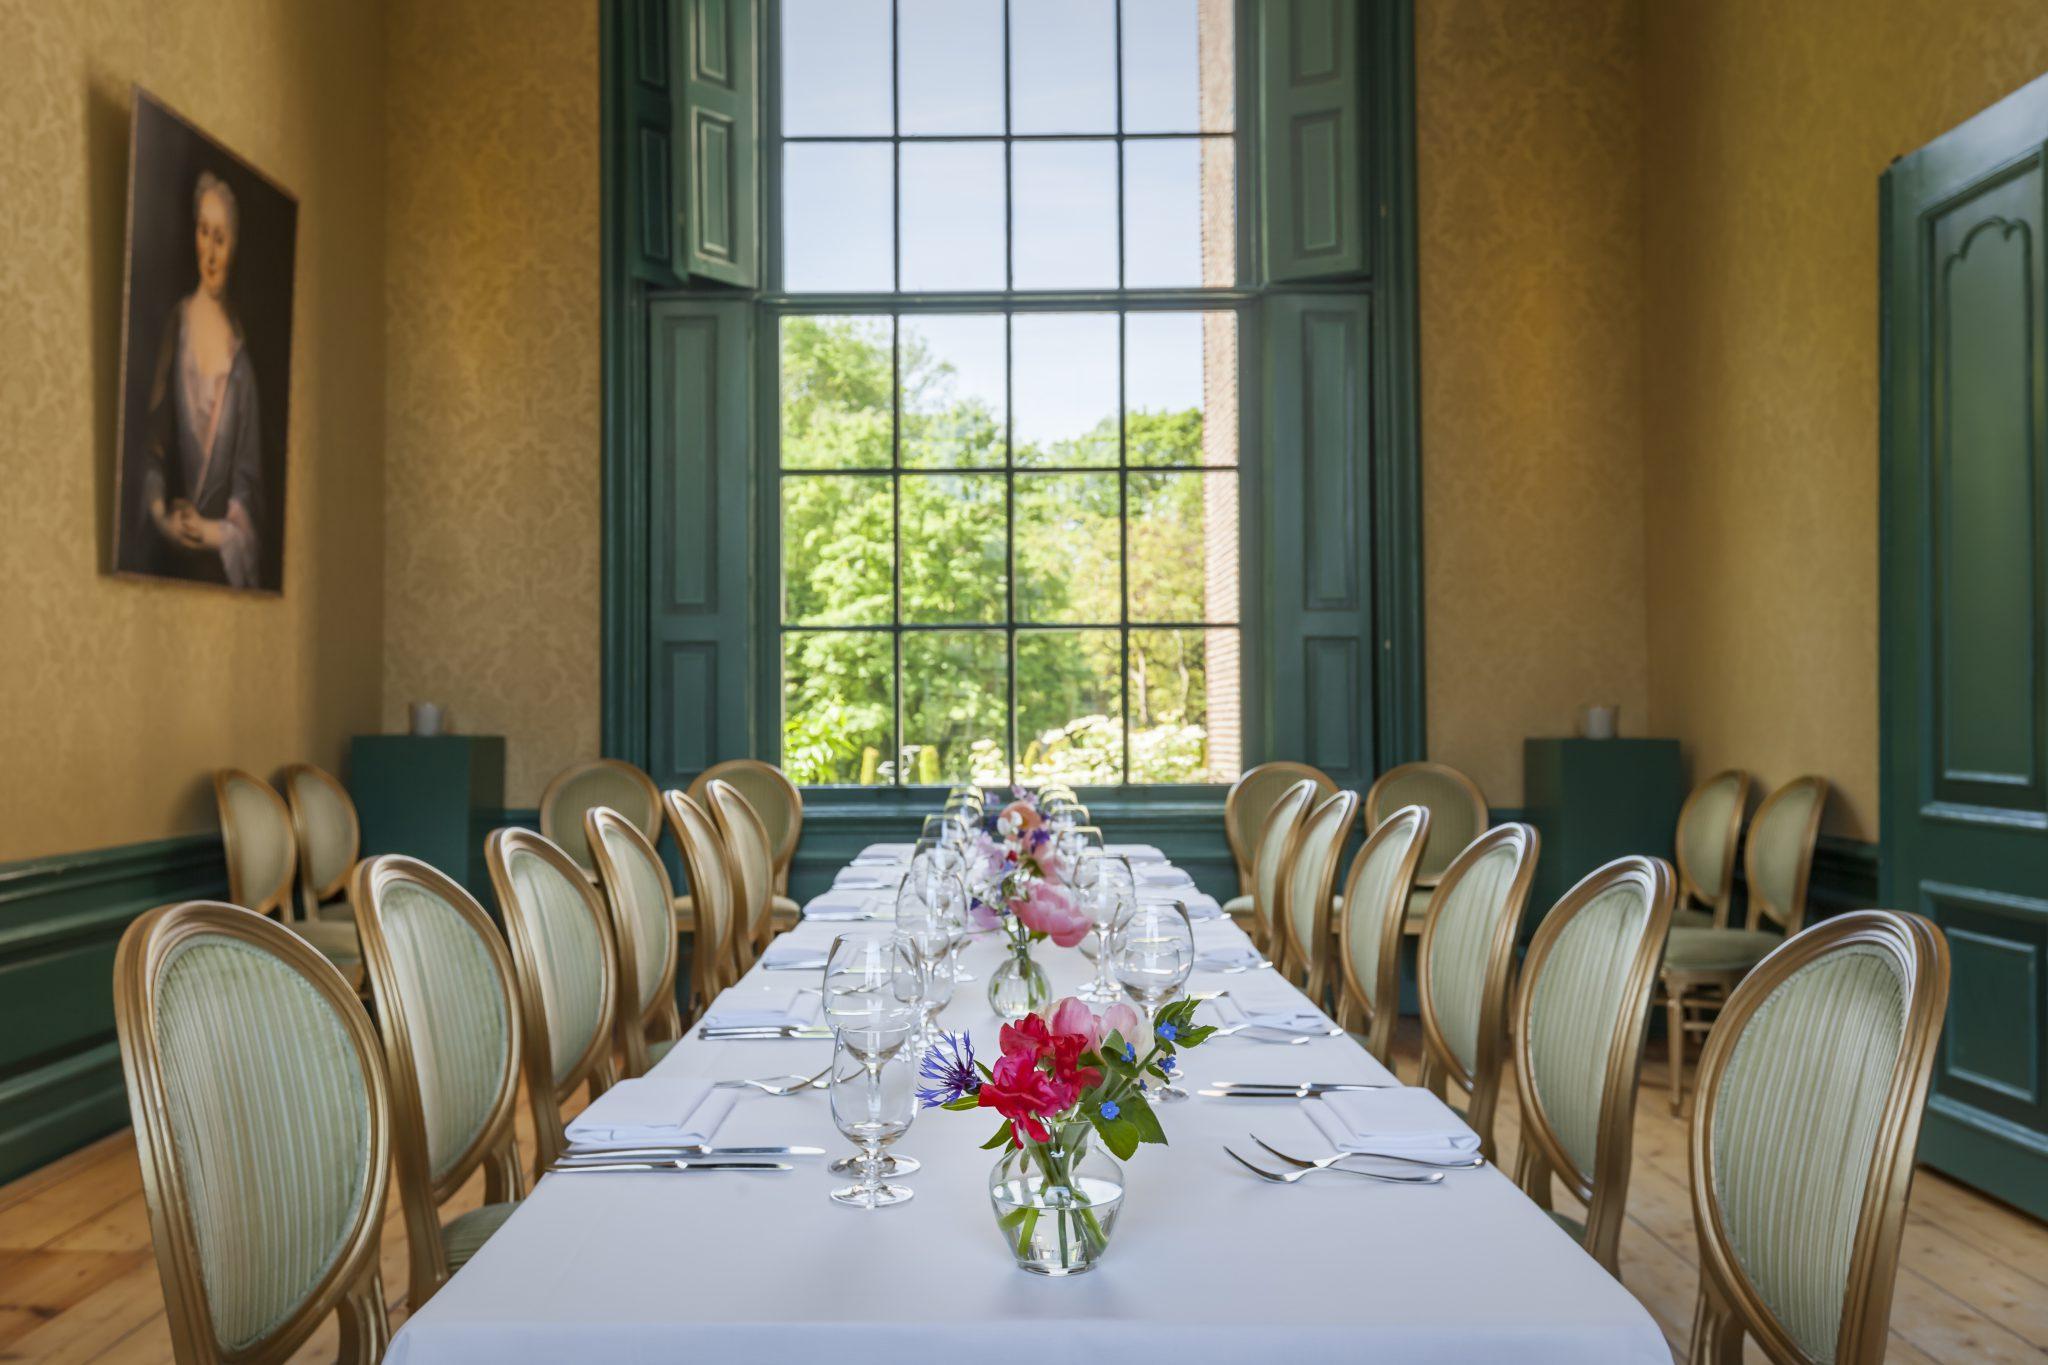 Grote salon privé diner